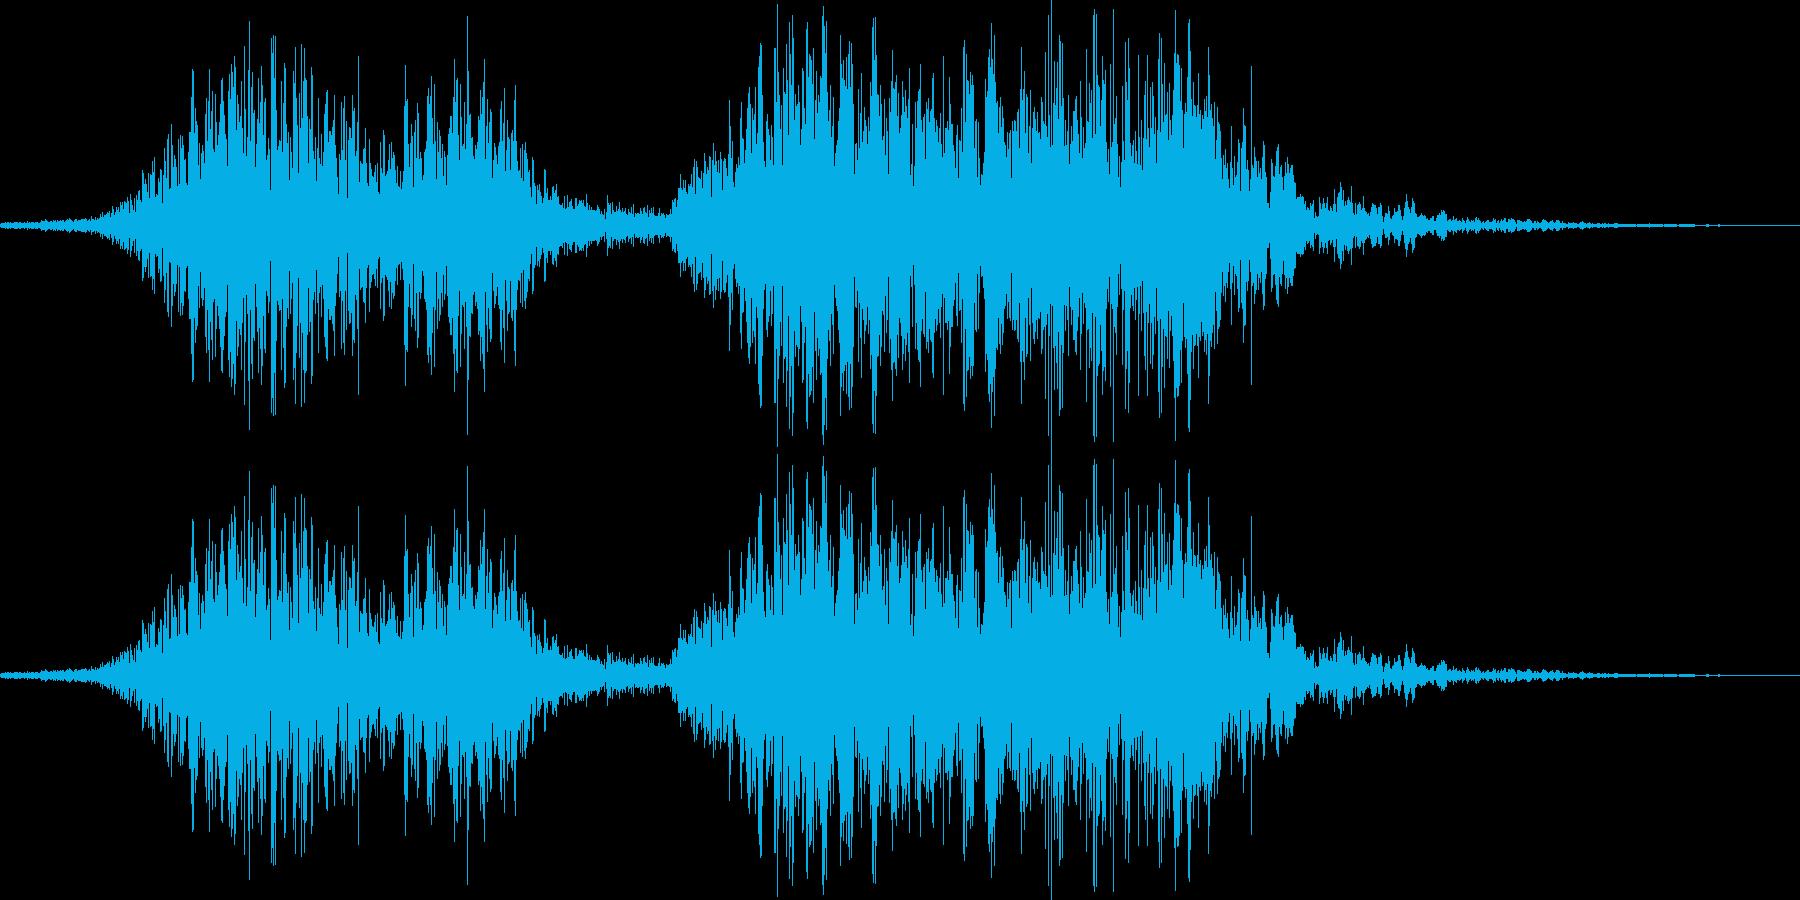 和風掛け声「それそれ」(男複数)の再生済みの波形